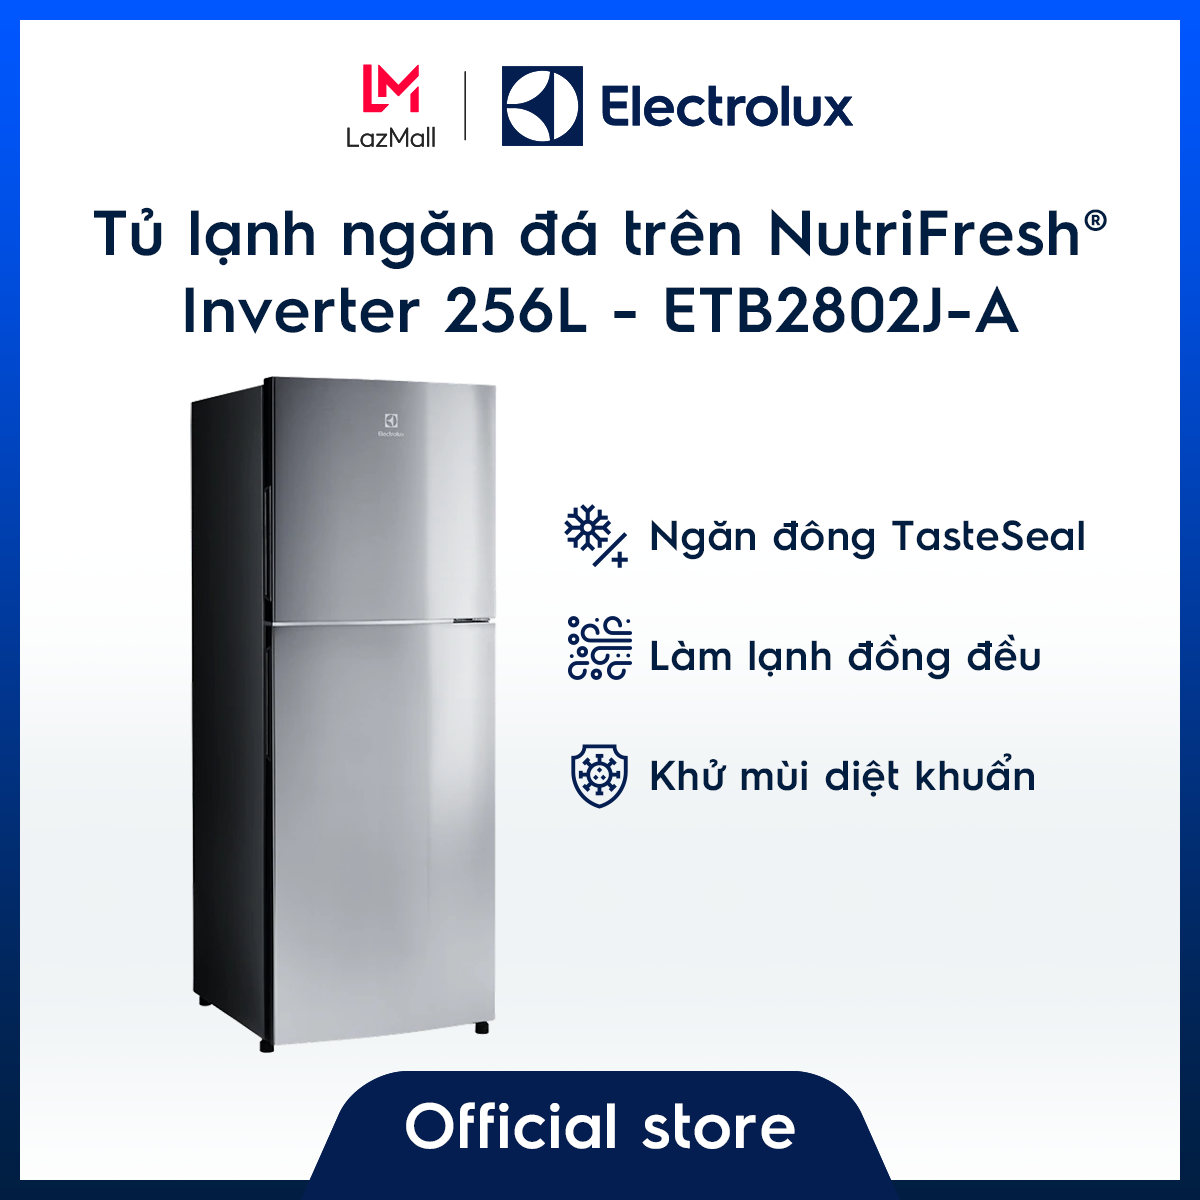 Tủ lạnh Electrolux 256L ETB2802J-A – Thiết kế châu Âu – Ngăn đông mềm giữ thực phẩm tươi ngon – Khử mùi diệt khuẩn – Hàng chính hãng